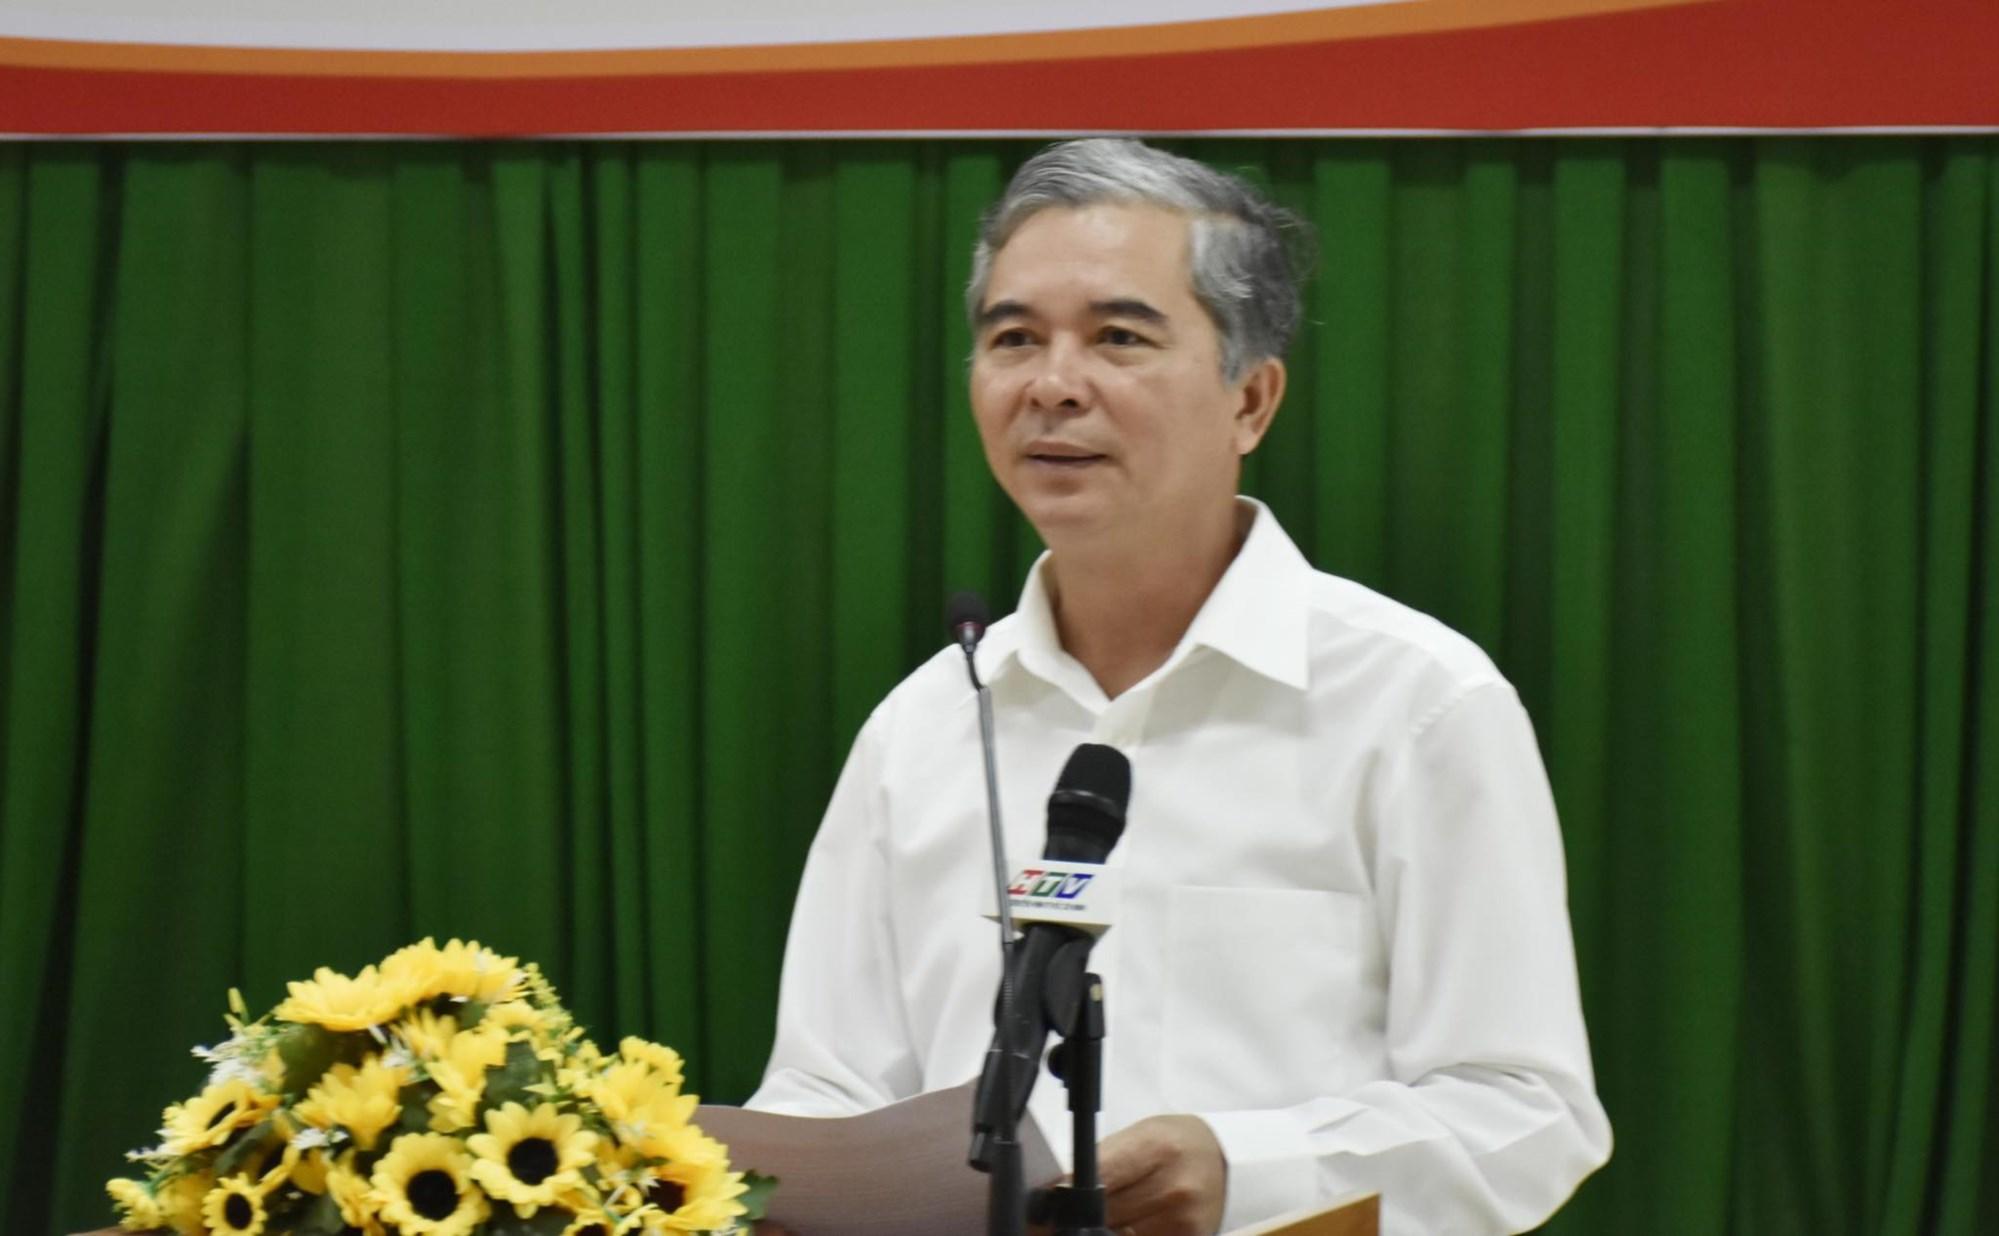 Phó Chủ tịch UBND TP. Hồ Chí Minh - Ngô Minh Châu phát biểu tại Hội nghị